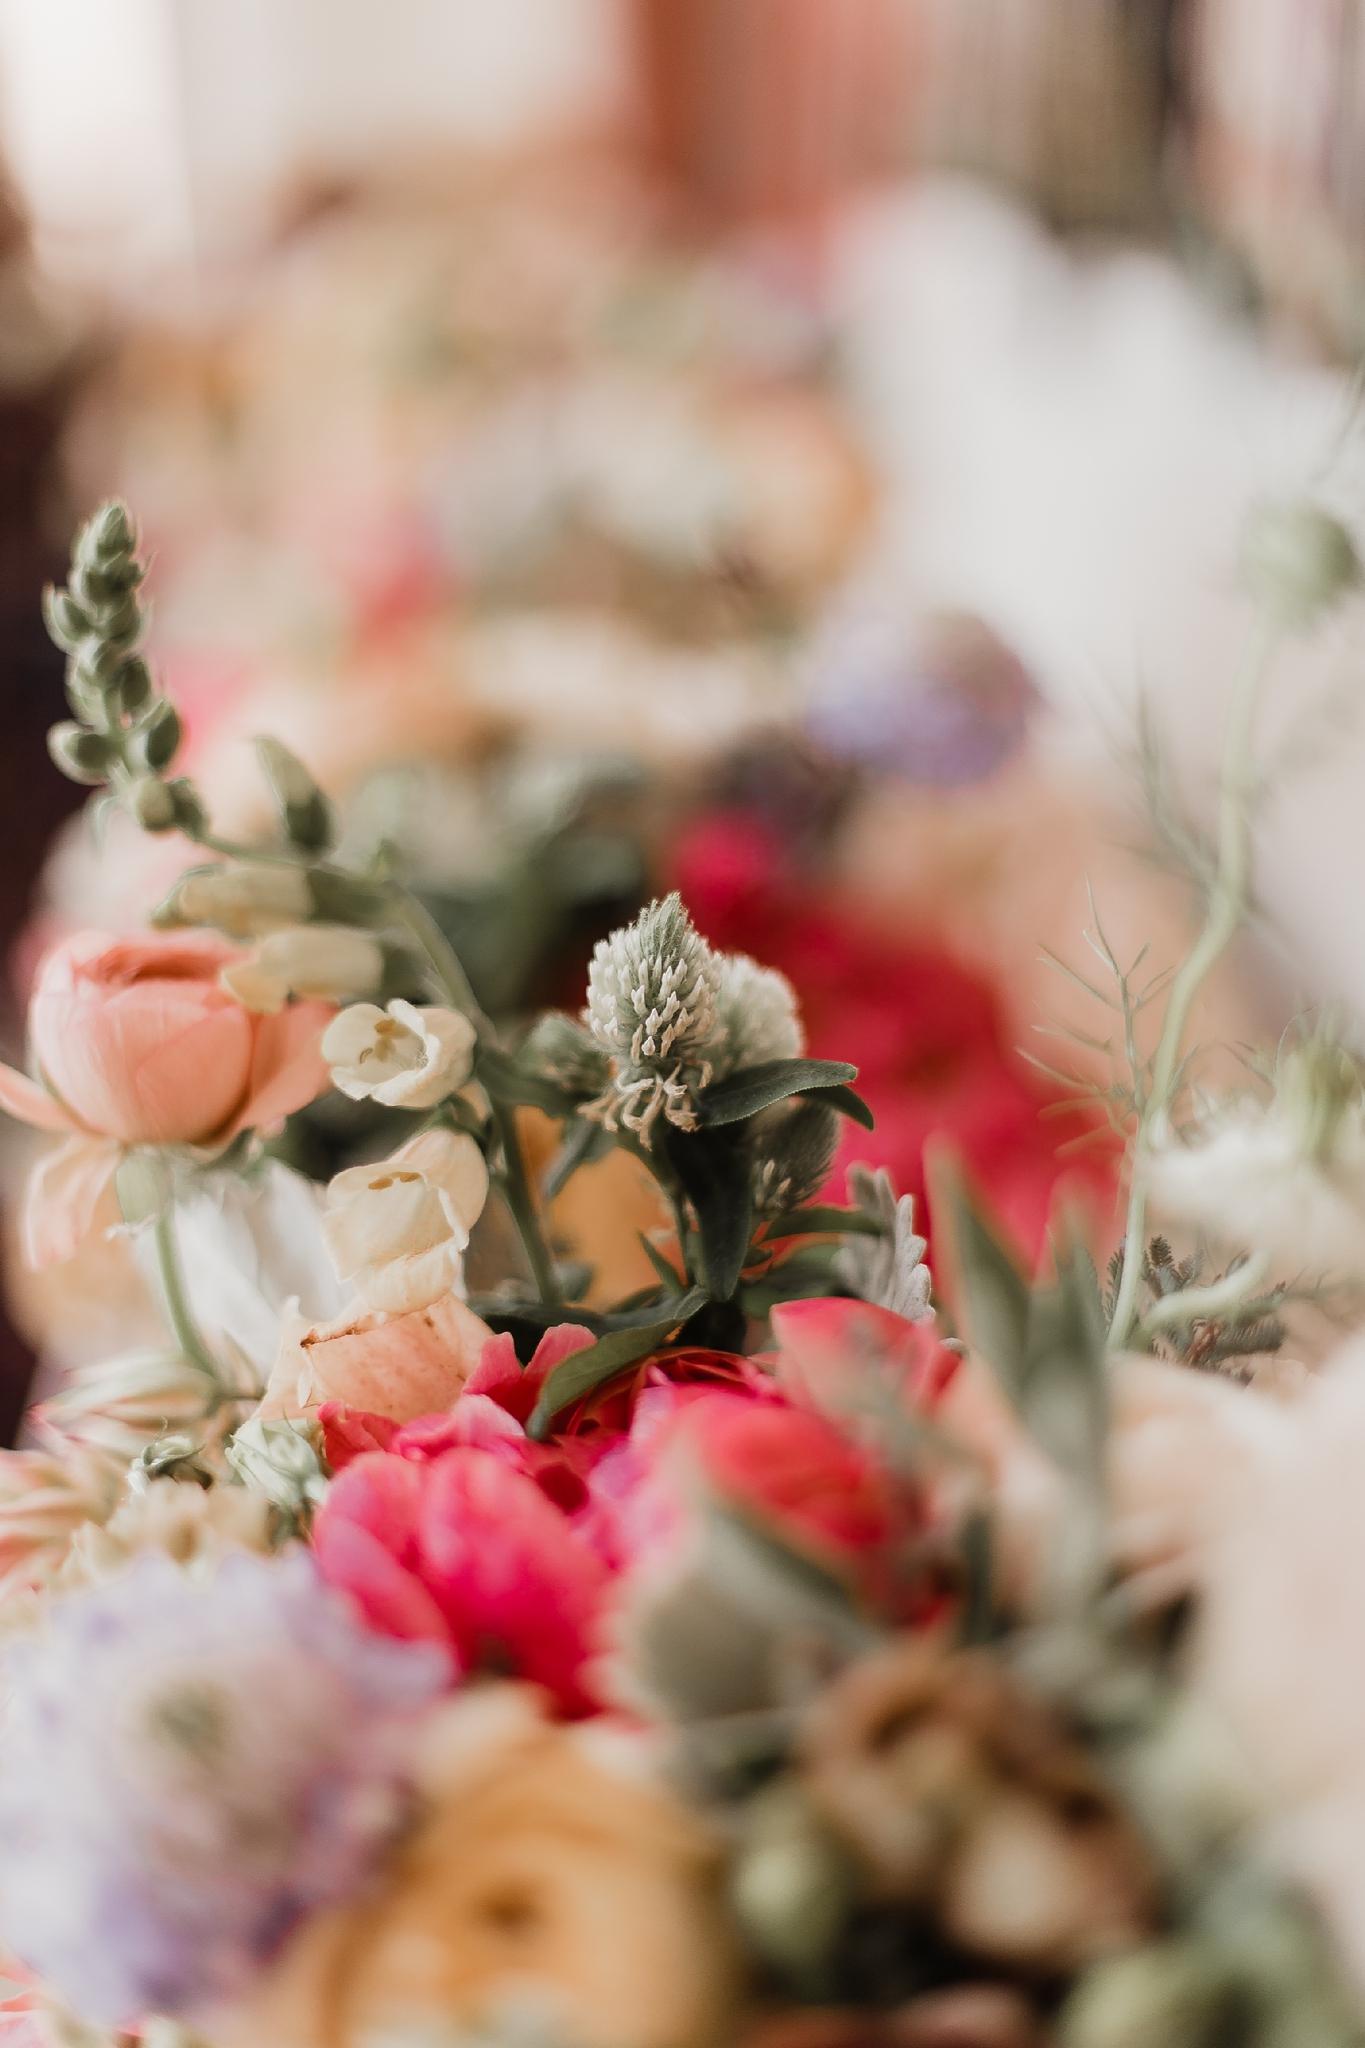 Alicia+lucia+photography+-+albuquerque+wedding+photographer+-+santa+fe+wedding+photography+-+new+mexico+wedding+photographer+-+new+mexico+wedding+-+summer+wedding+-+summer+wedding+florals+-+southwest+wedding_0044.jpg